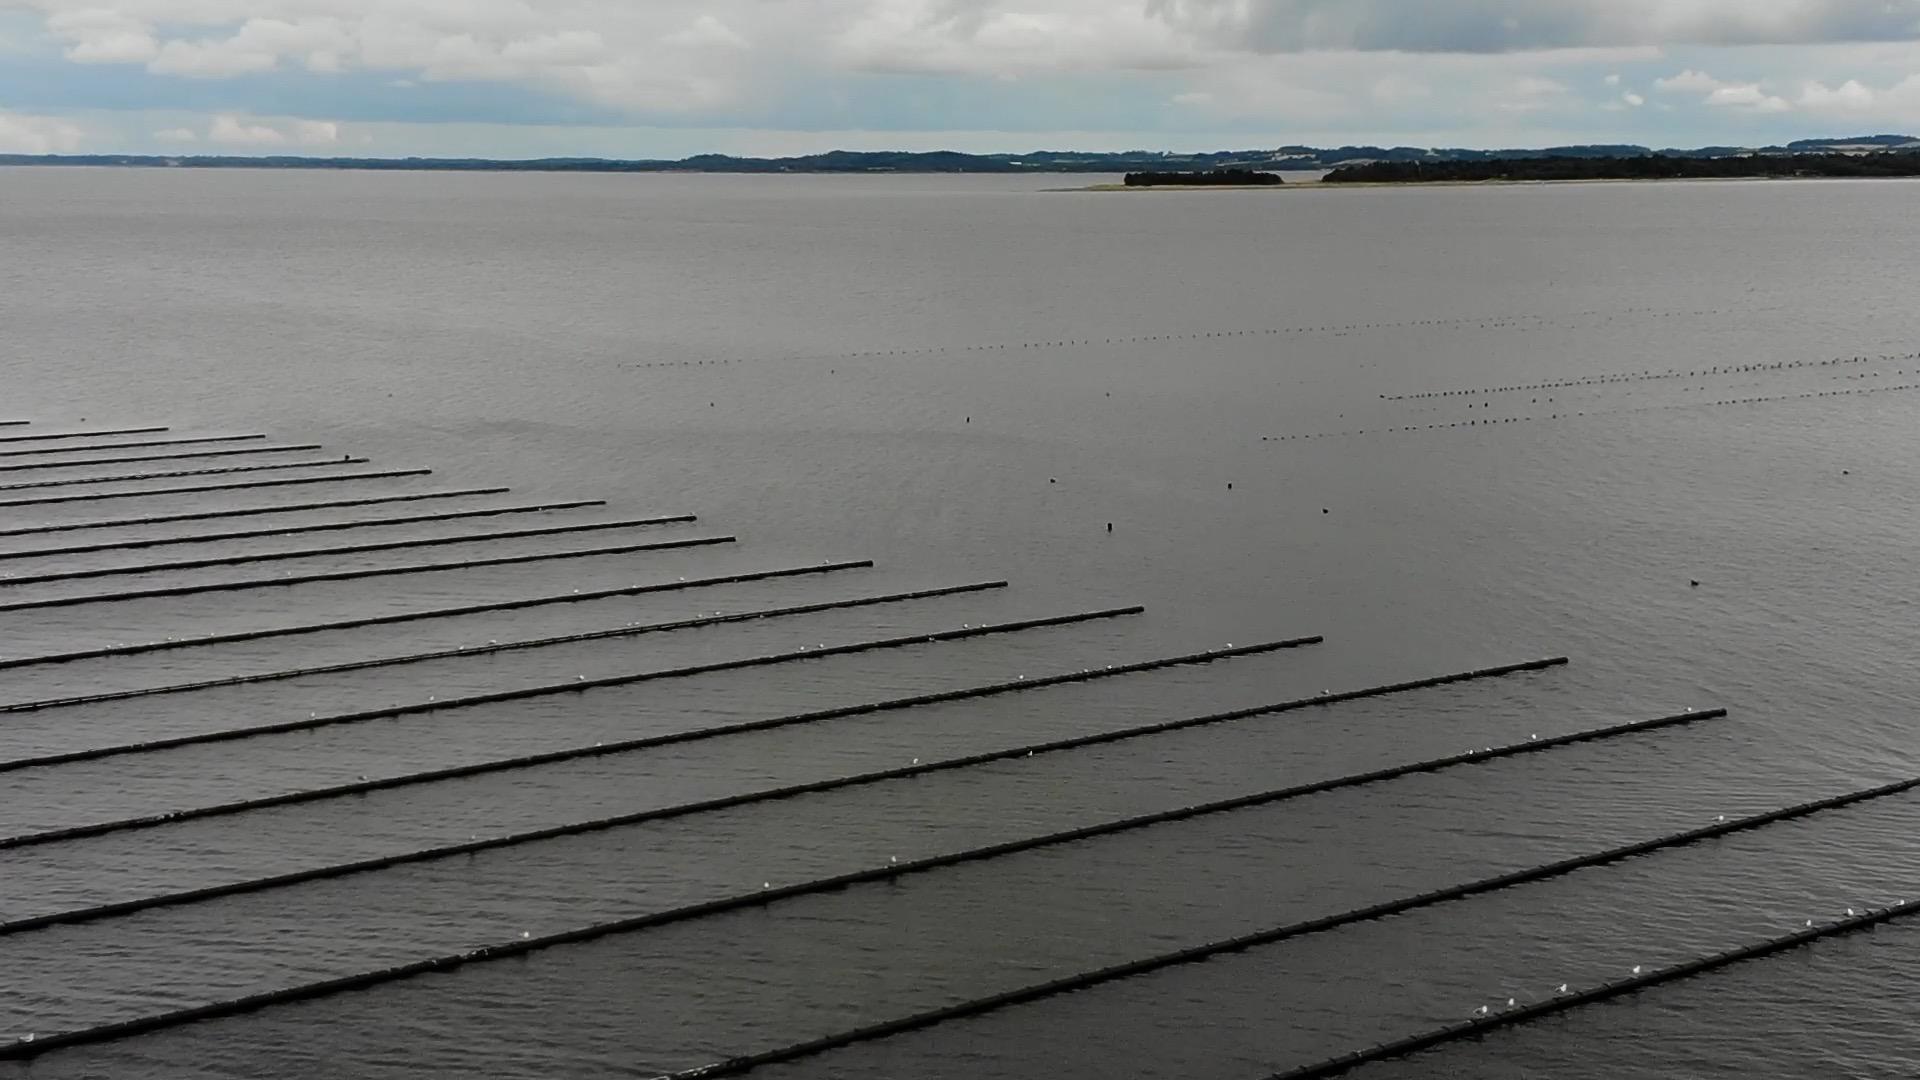 Regeringen vil lægge tusindvis af muslingefarme i danskernes fjorde og kystvande